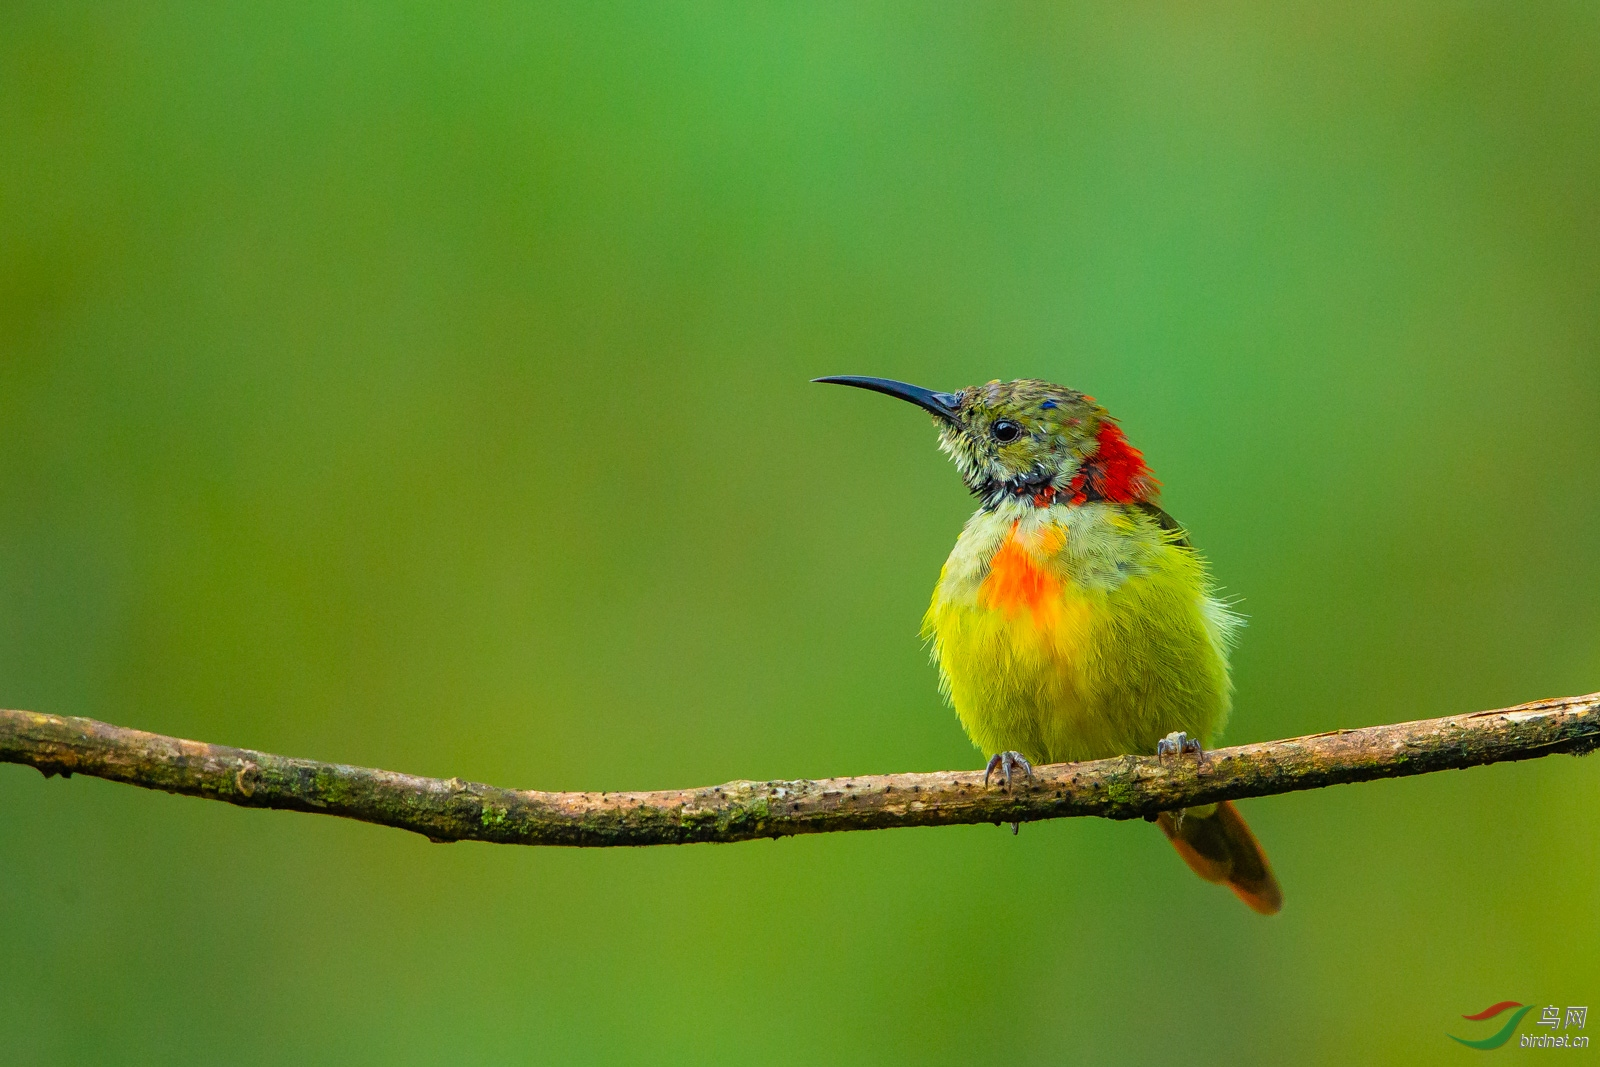 壁纸 动物 鸟 鸟类 雀 摄影 小鸟 桌面 1600_1067